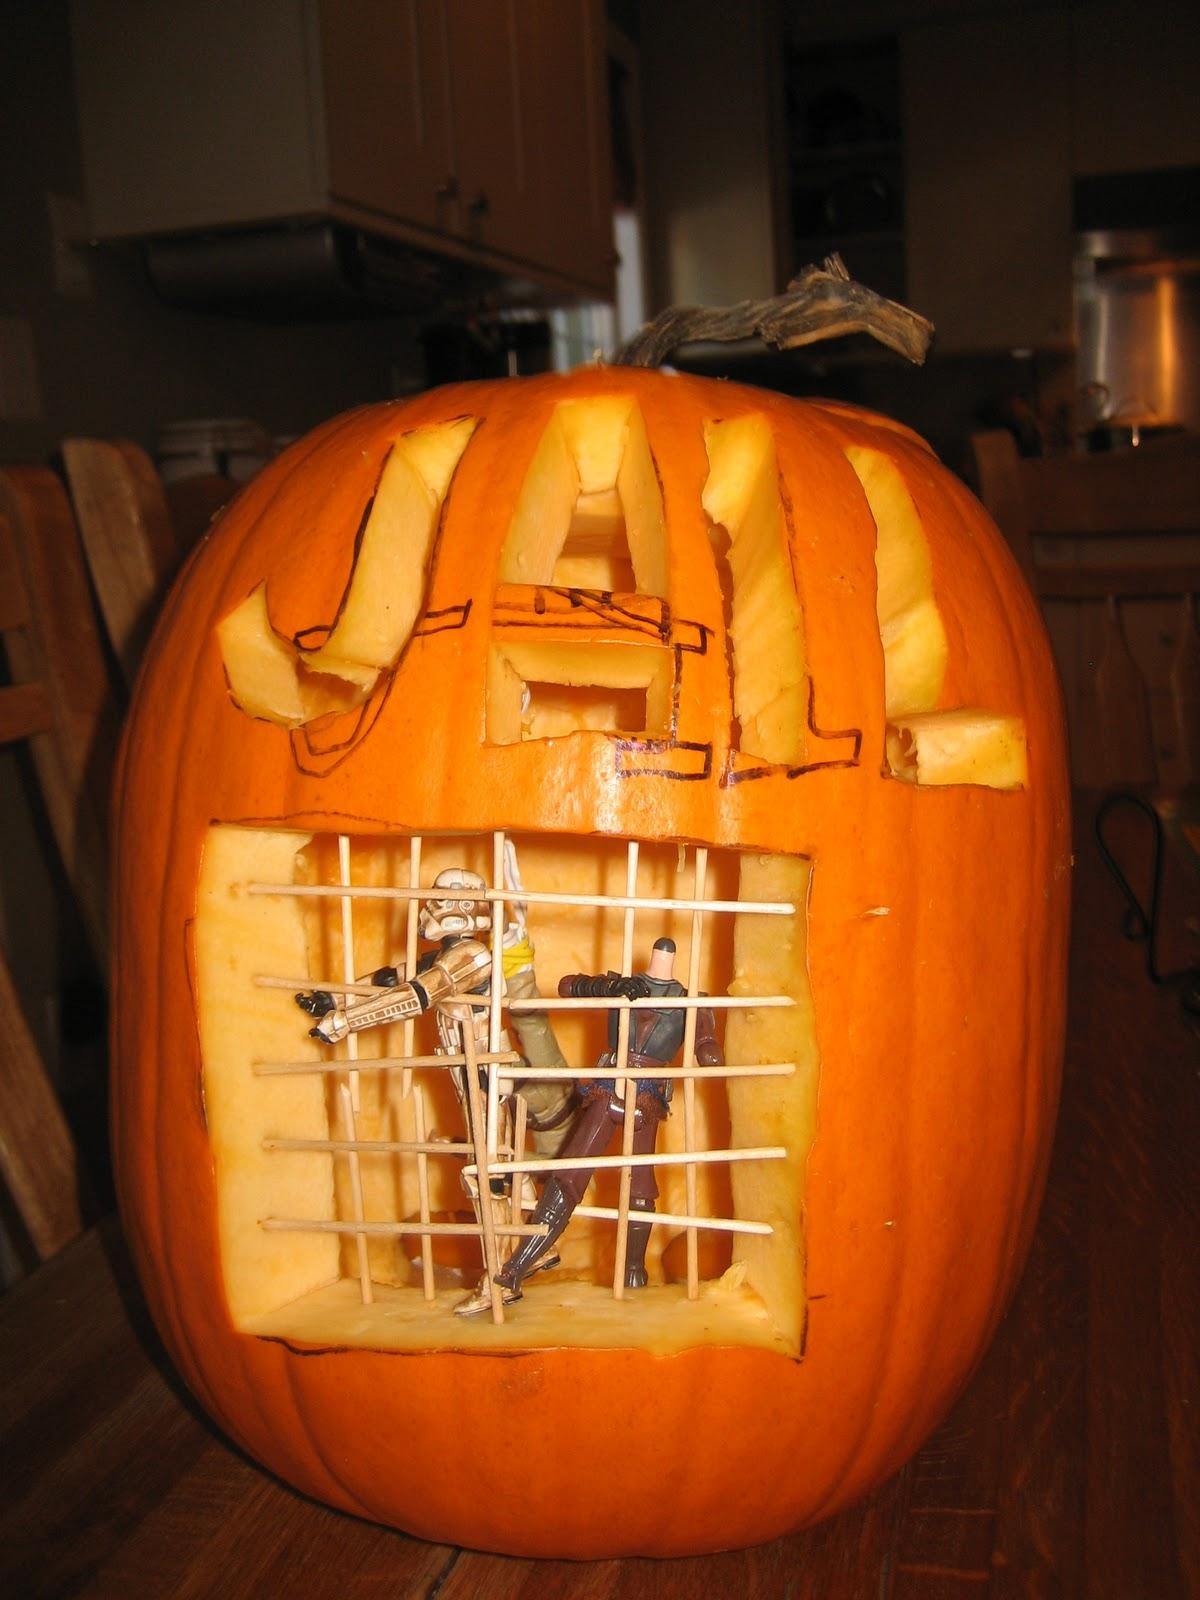 how to turn a pumpkin into a jack-o-lantern